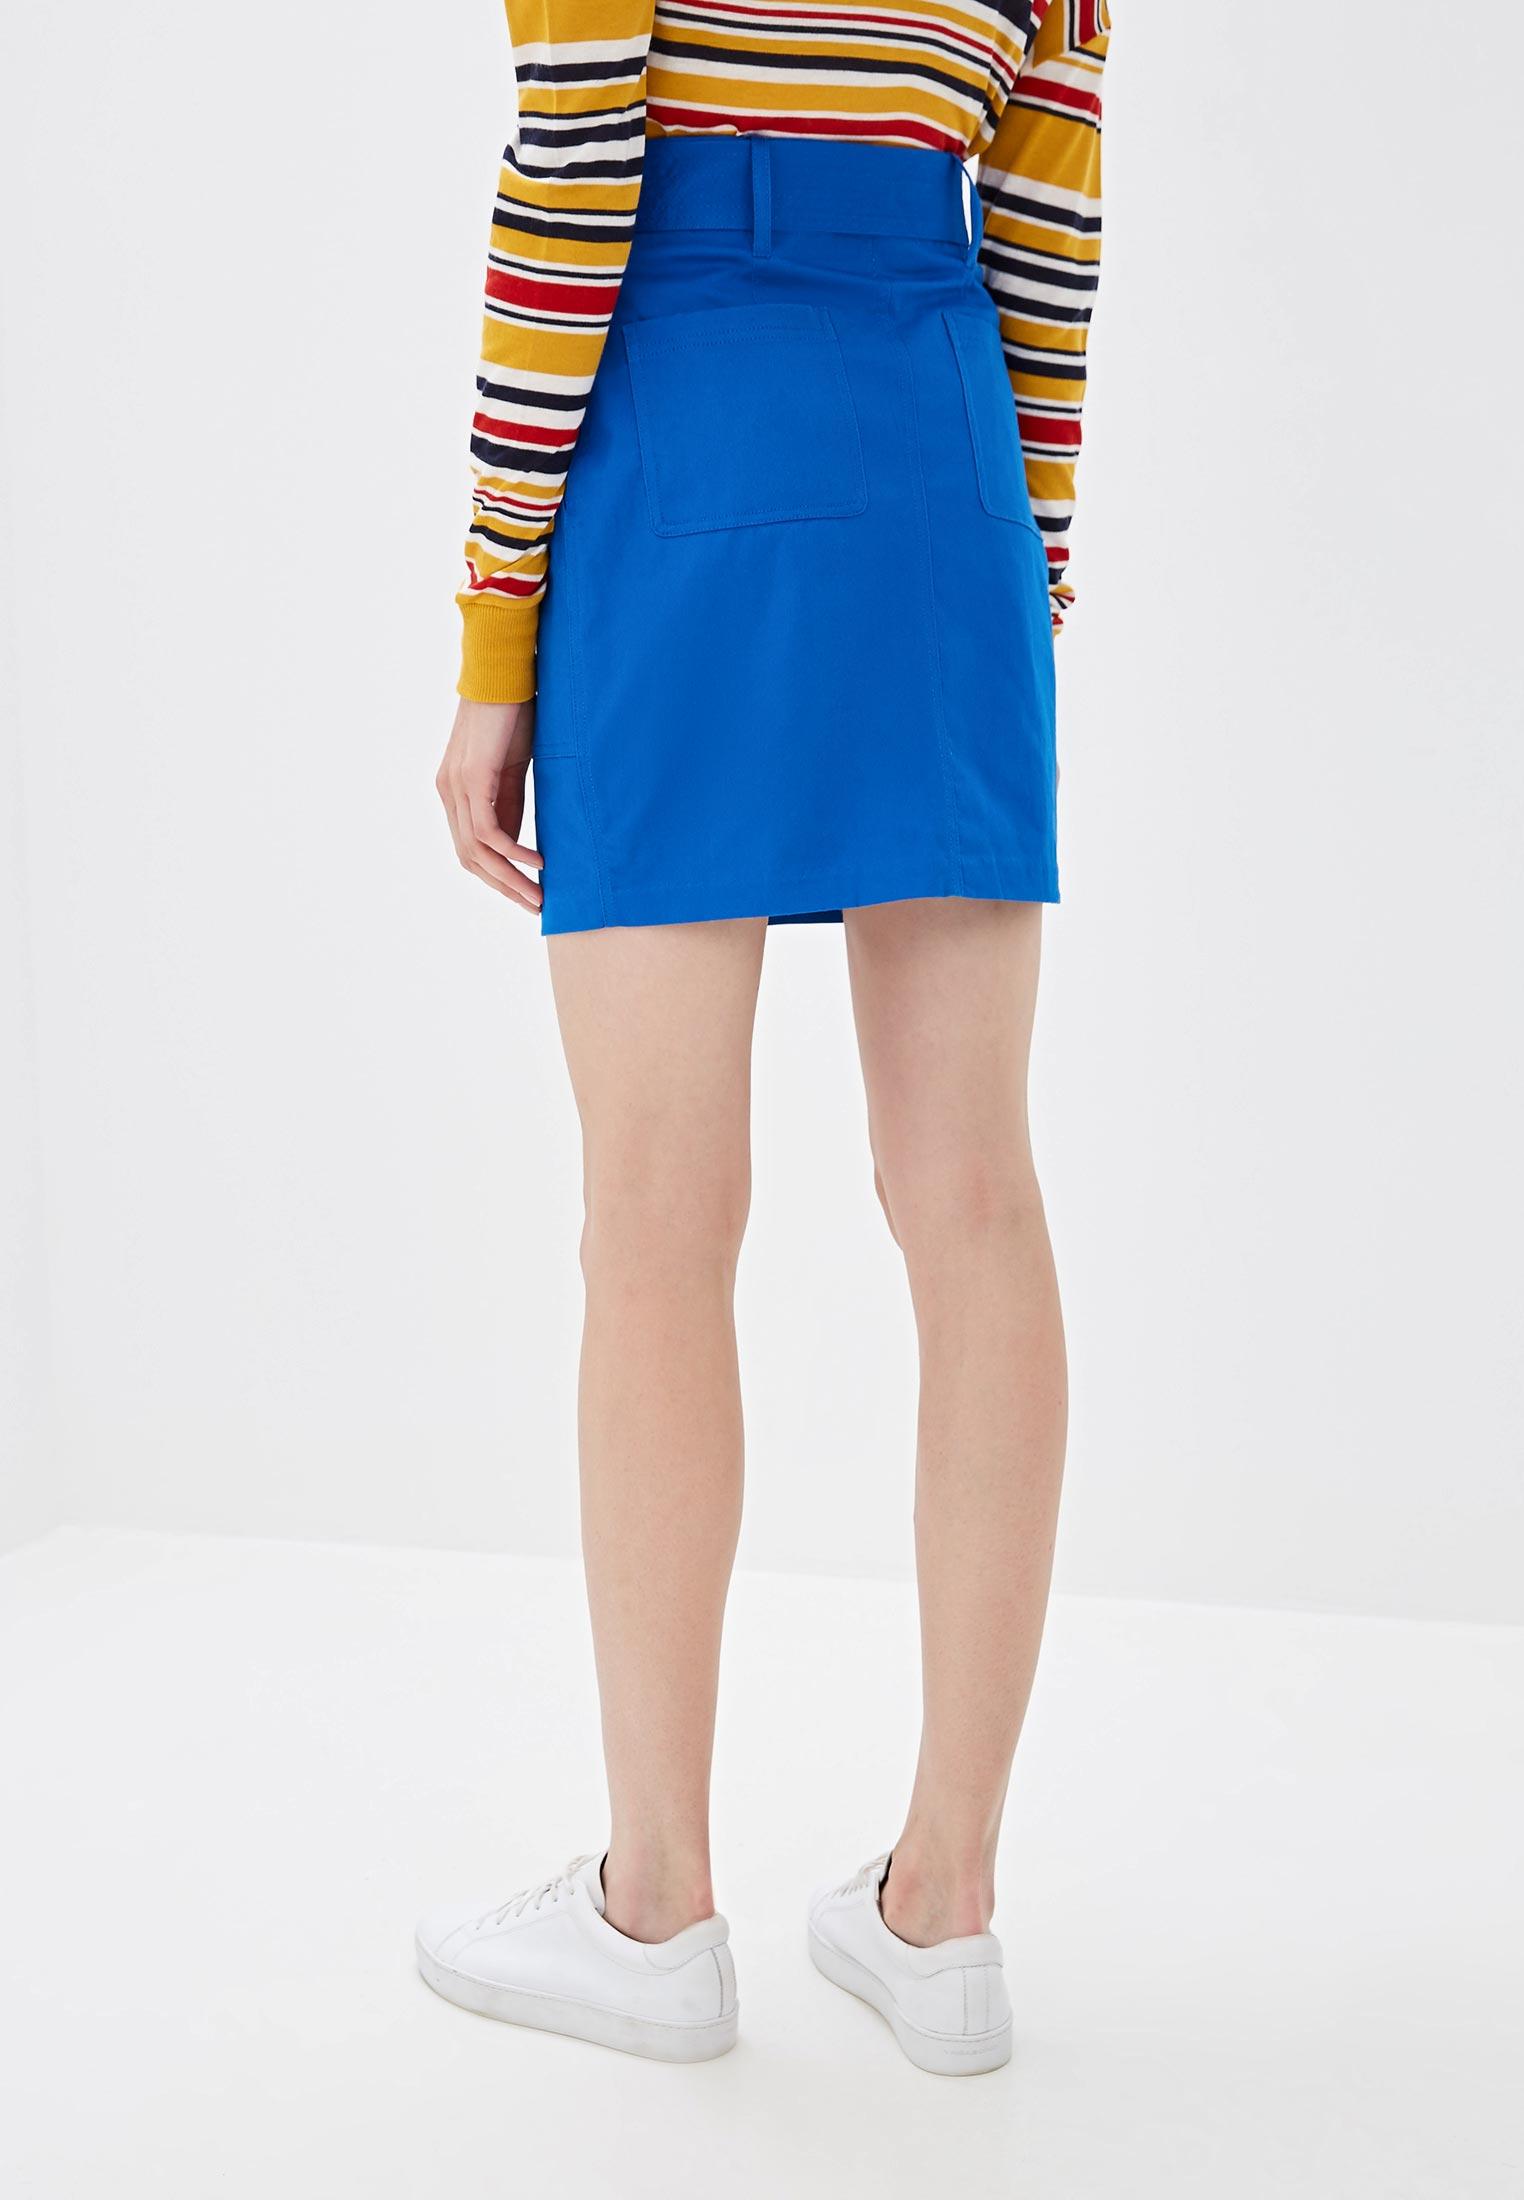 Прямая юбка Sela (Сэла) SK-318/861-9310: изображение 3